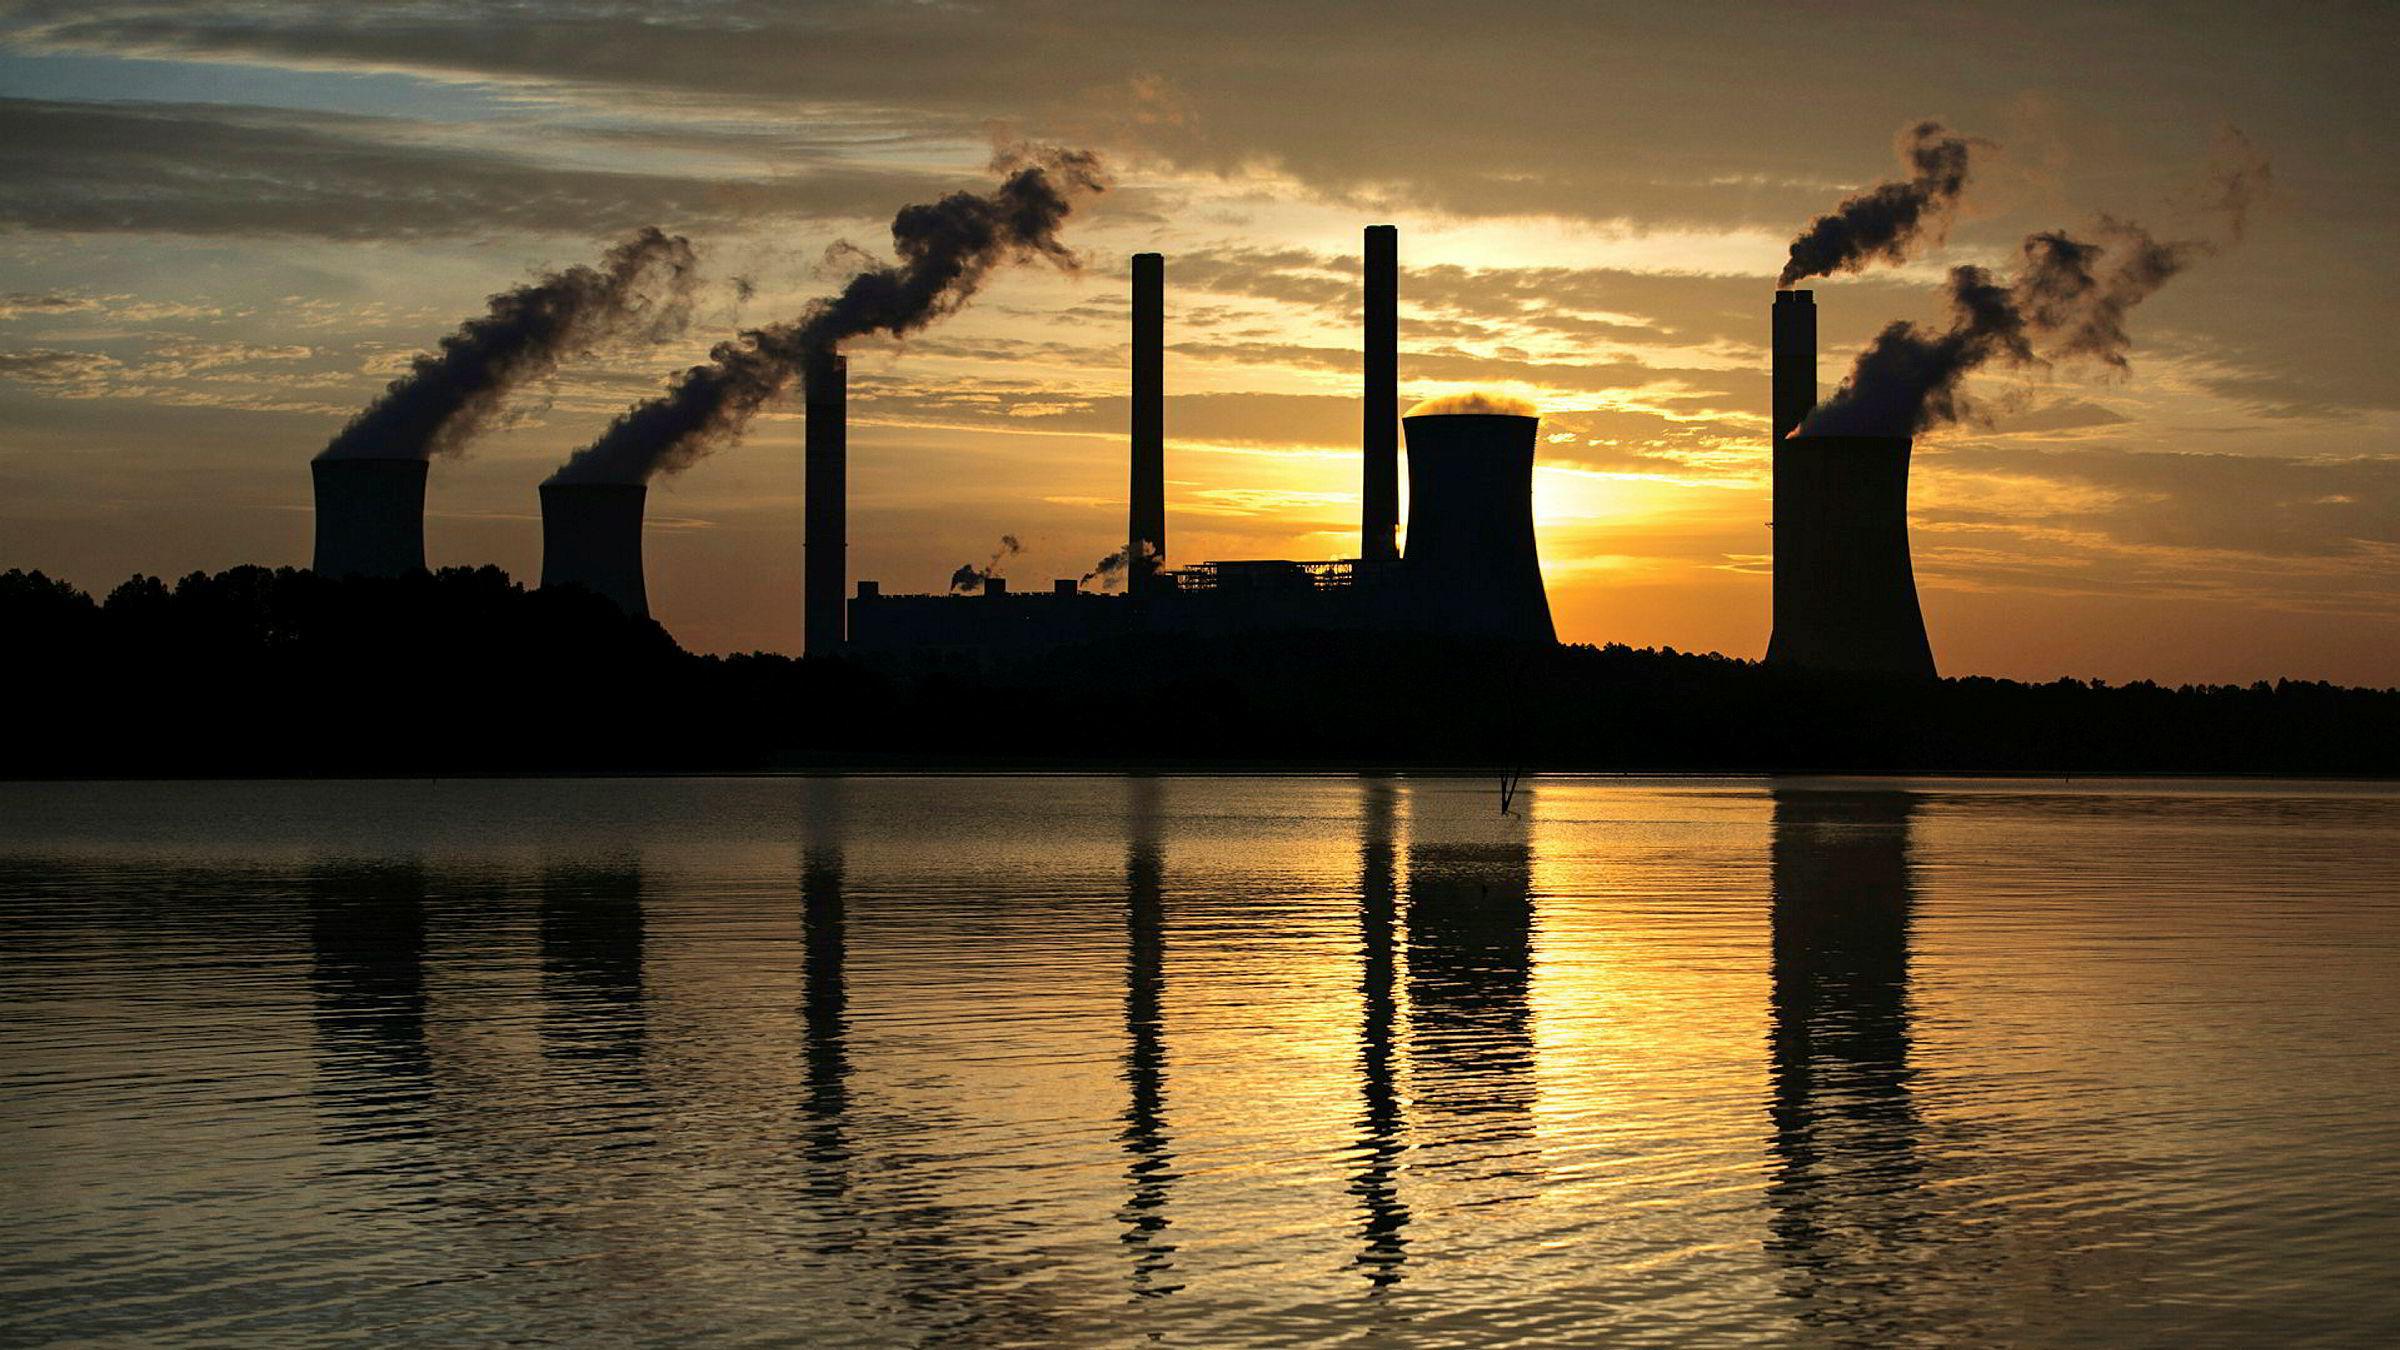 Kullkraftverket Plant Scherer i delstaten Georgia er en av USAs største kilder til utslipp av CO2. Menneskeskapte utslipp av CO2 og andre klimagasser bidrar til å øke temperaturen på kloden.